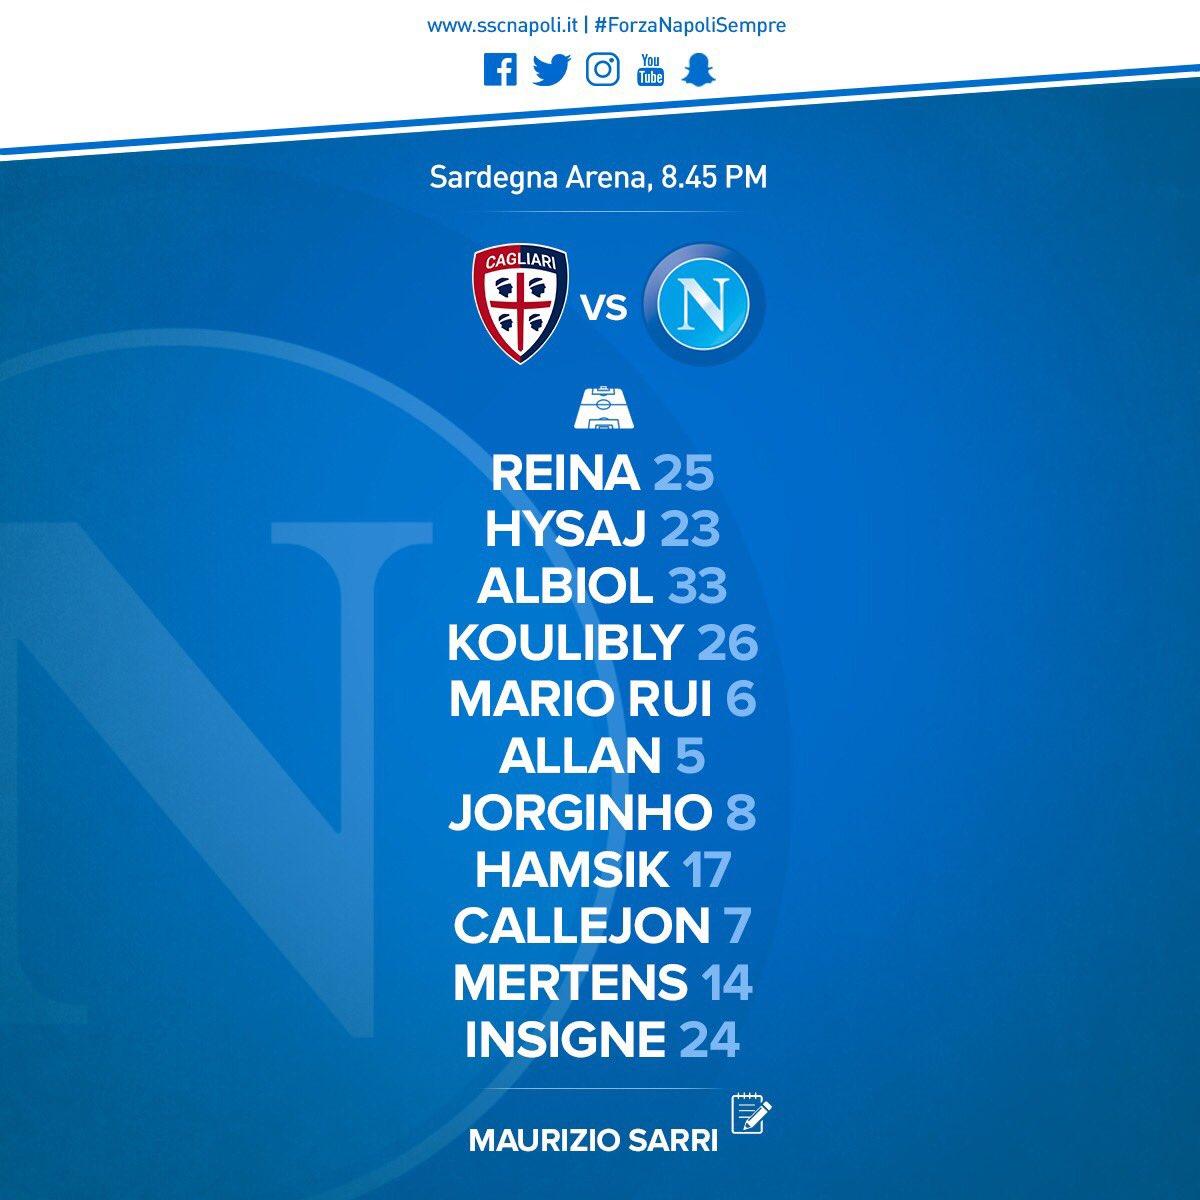 Cagliari-Napoli, le formazioni ufficiali: Sarri sceglie i titolarissimi, Mario Rui c'è